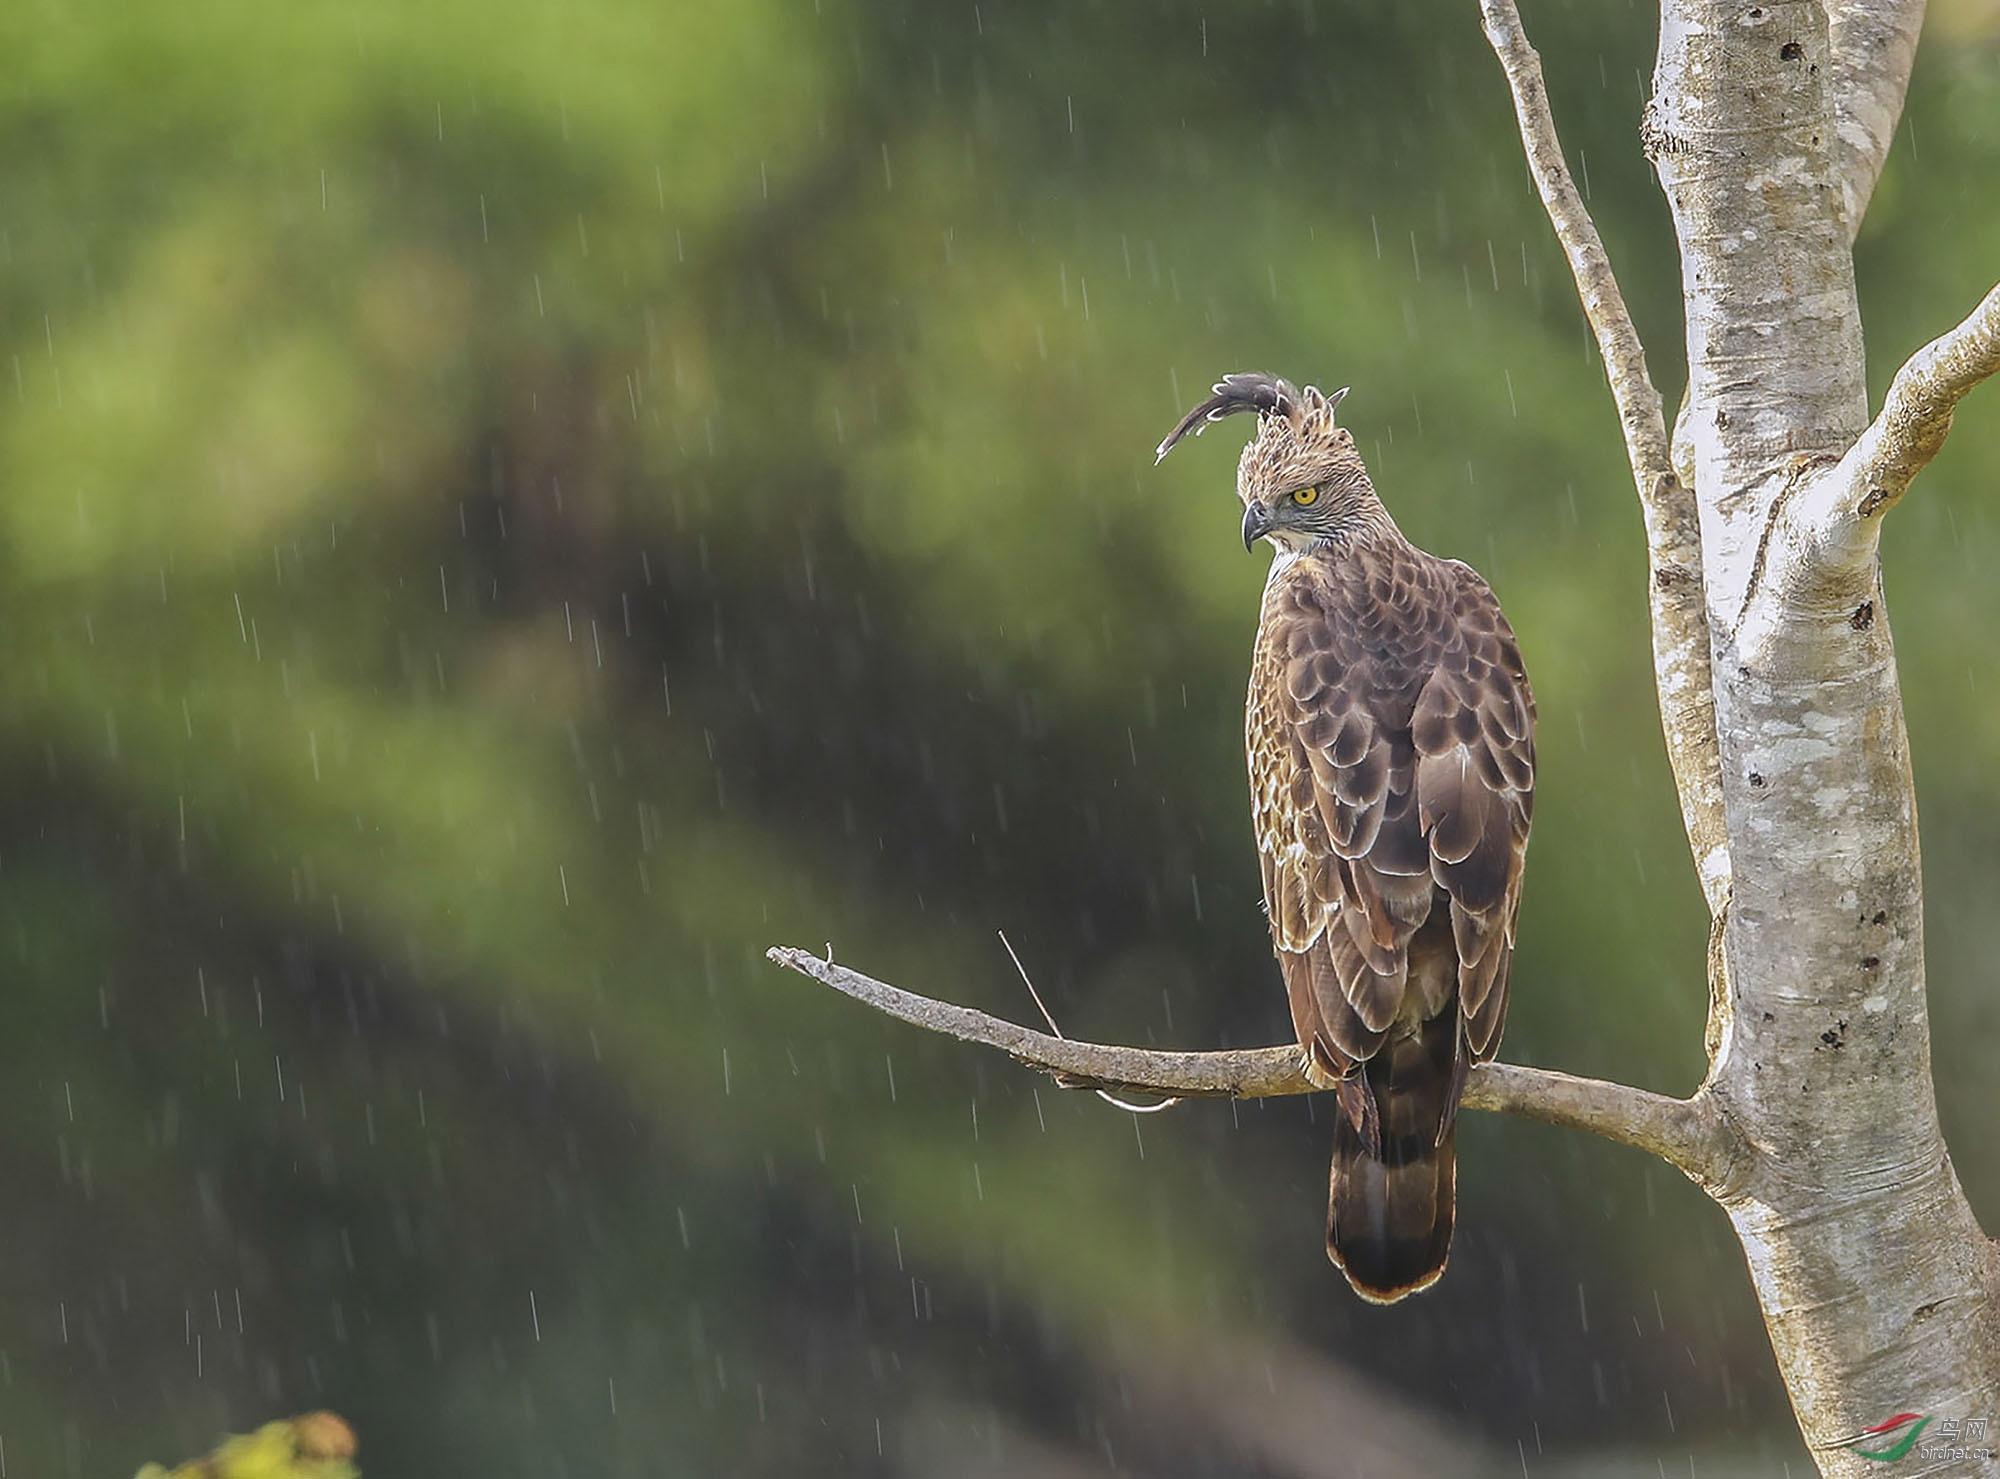 在雨中(凤头鹰雕)【摄于斯里兰卡】.jpg